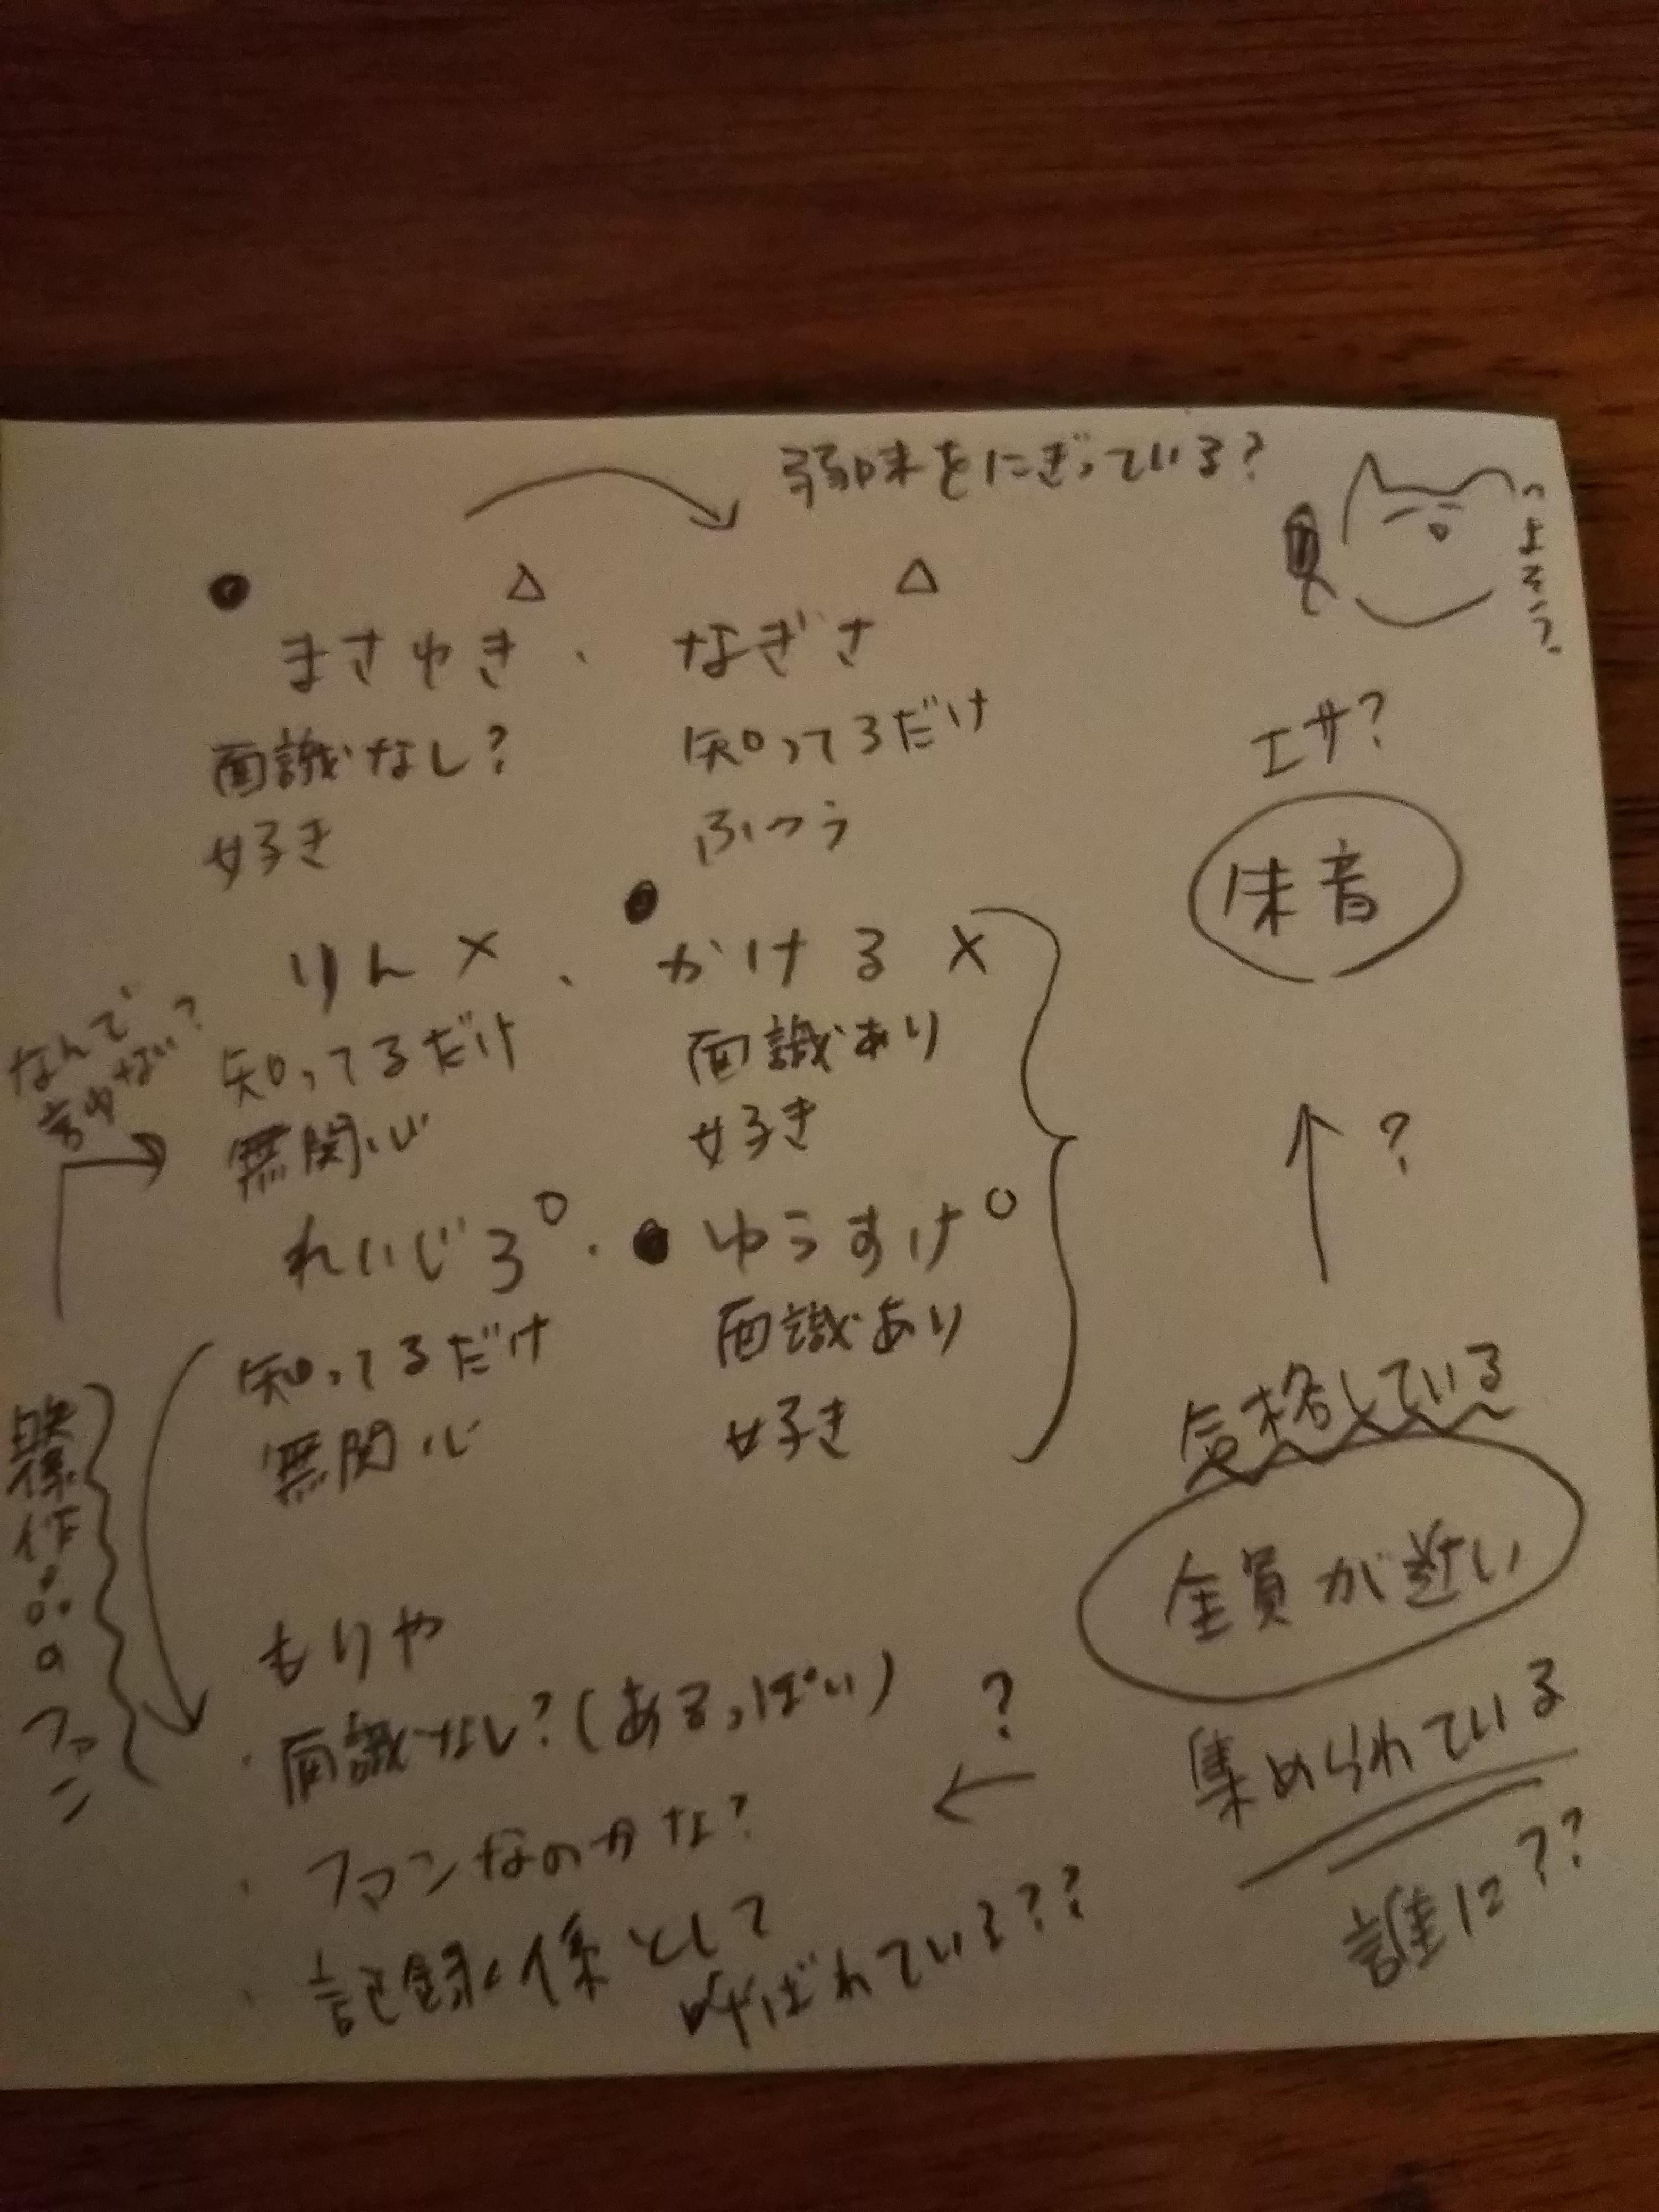 【#7】リアフェ謎解き【展開ガチ予想】しました!【後編】